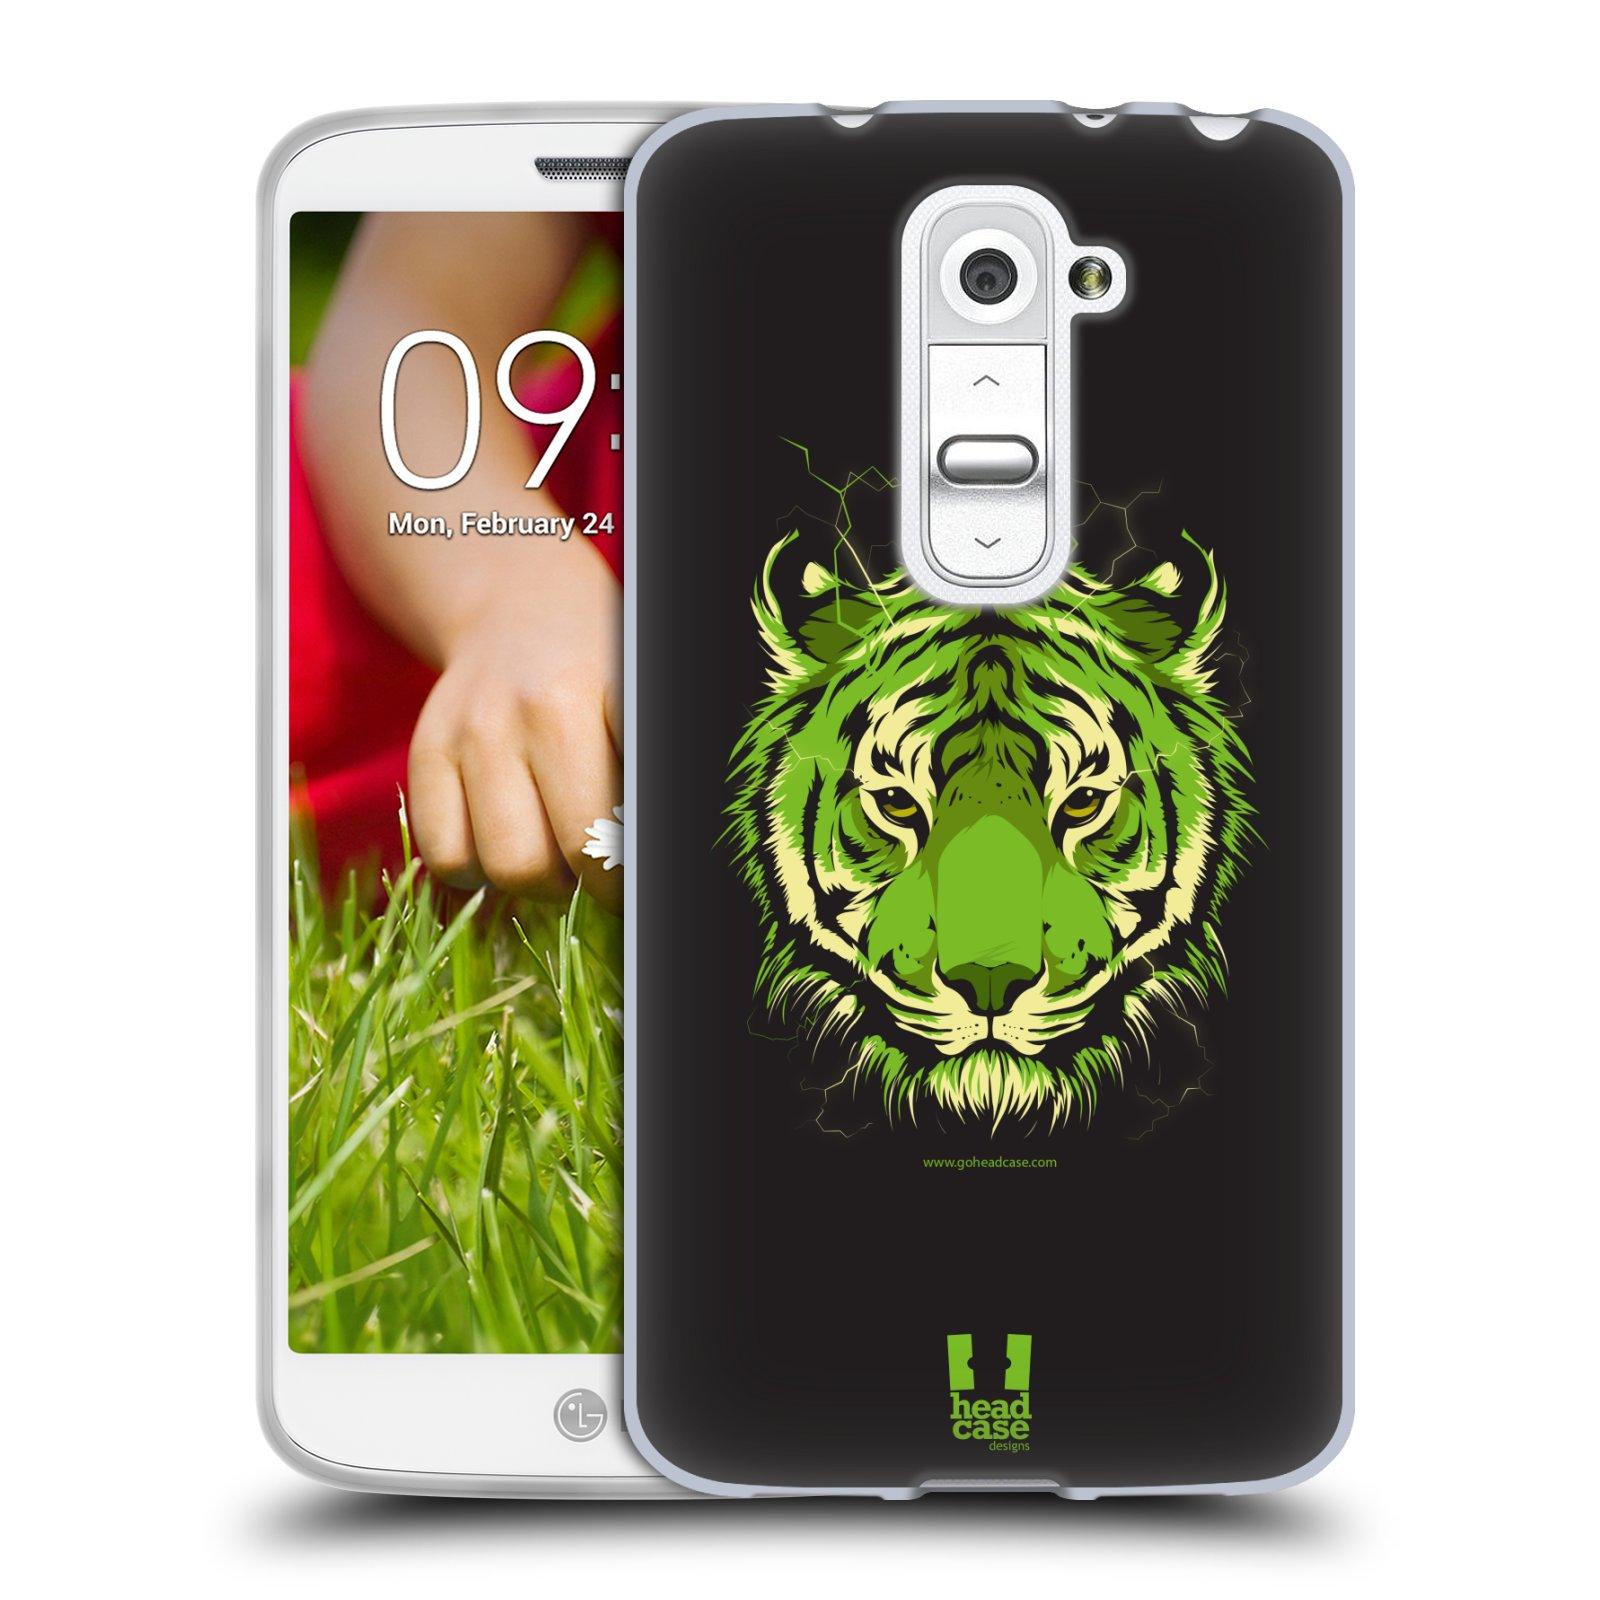 Silikonové pouzdro na mobil LG G2 Mini HEAD CASE BENGÁLSKÝ TYGR (Silikonový kryt či obal na mobilní telefon LG G2 Mini D620)